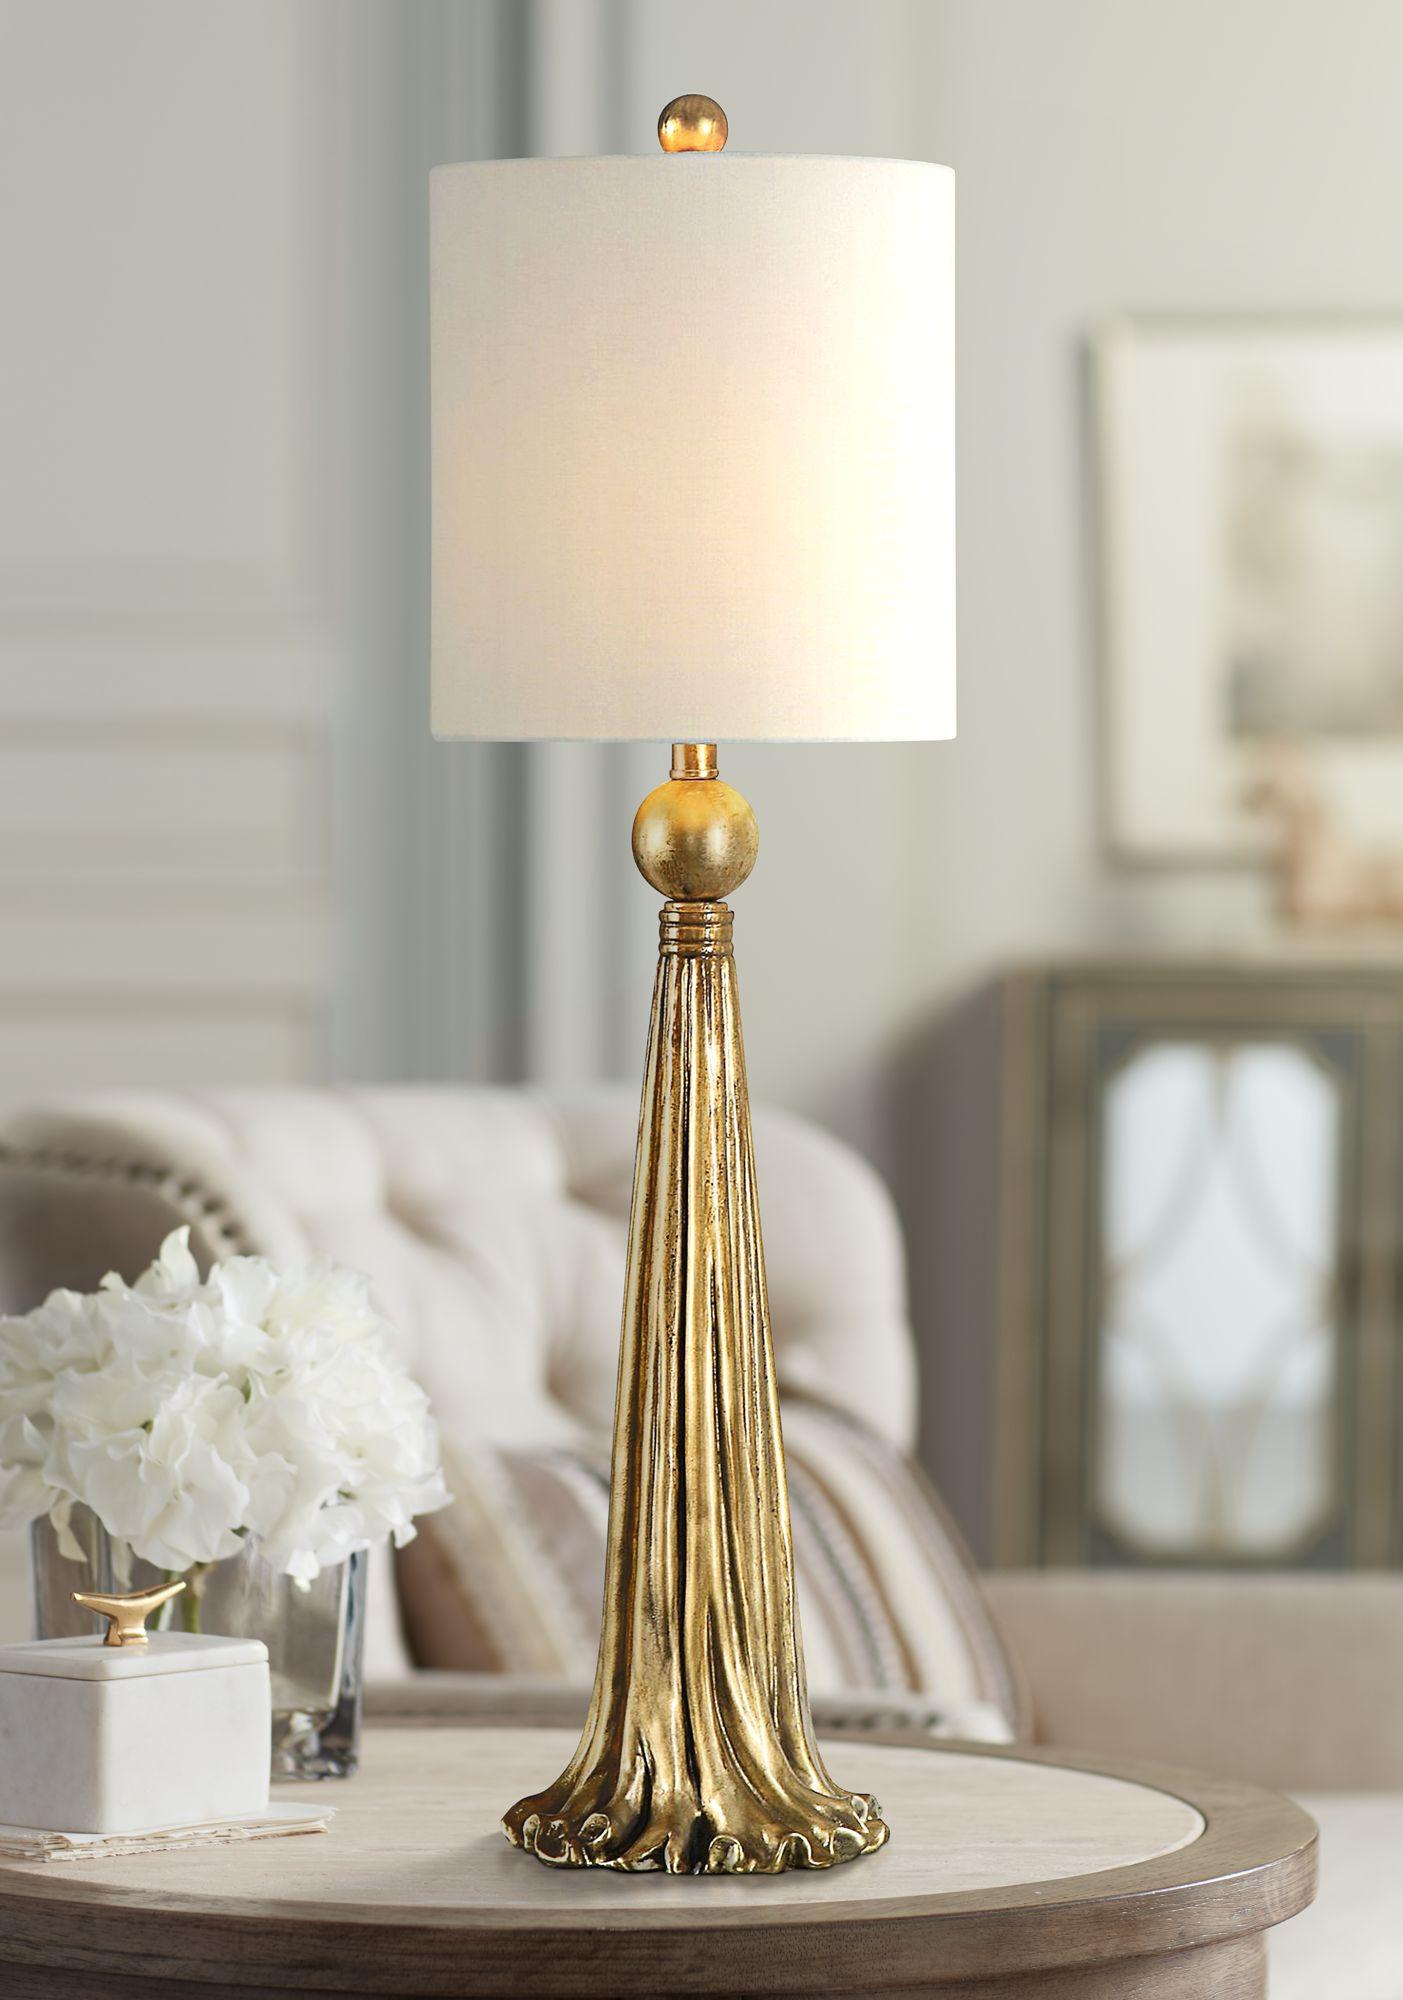 Uttermost Paravani Antique Metallic Gold Buffet Table Lamp